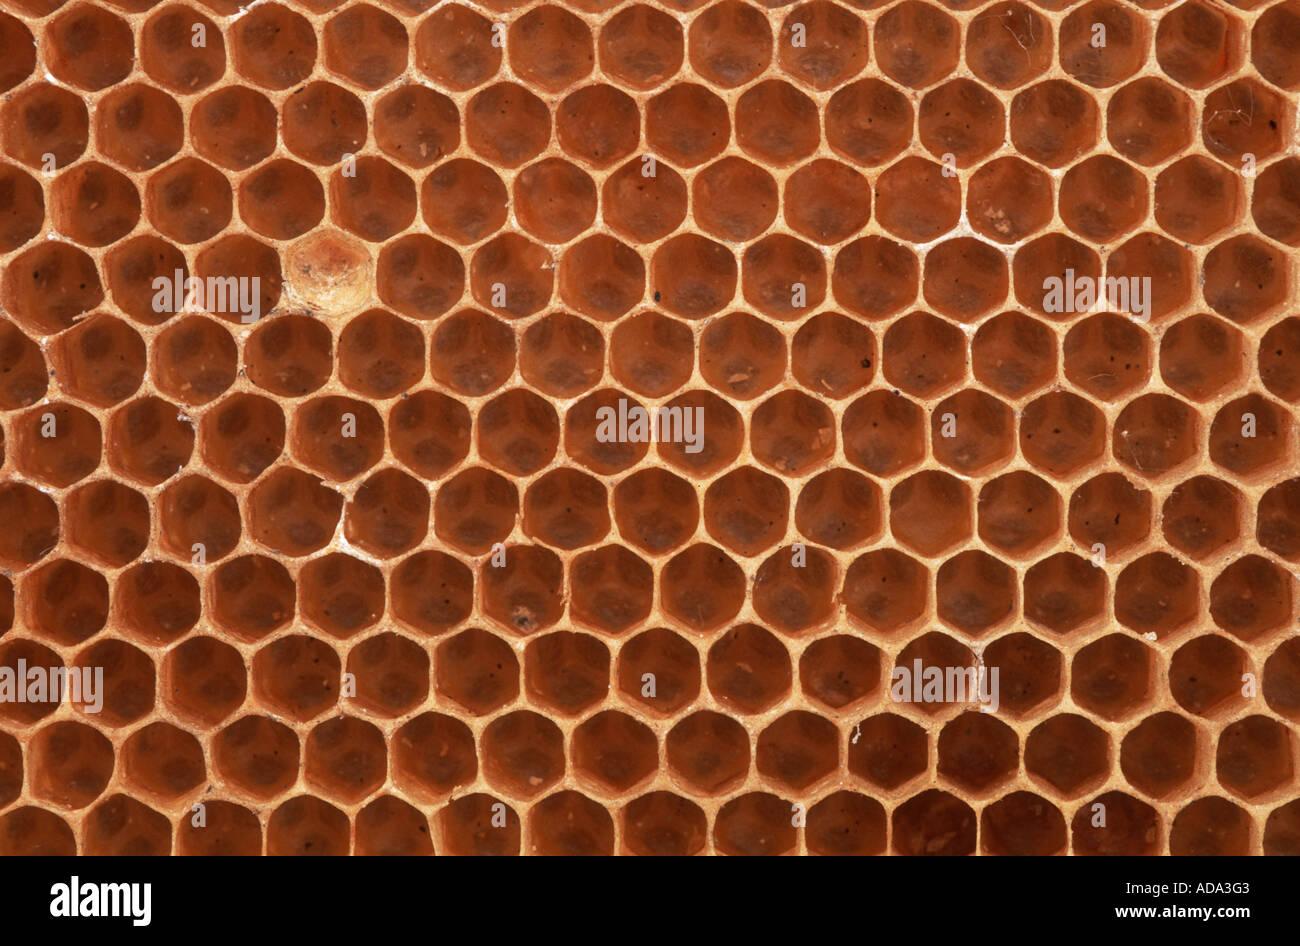 honey bee hive bee apis mellifera mellifera honey comb cutout